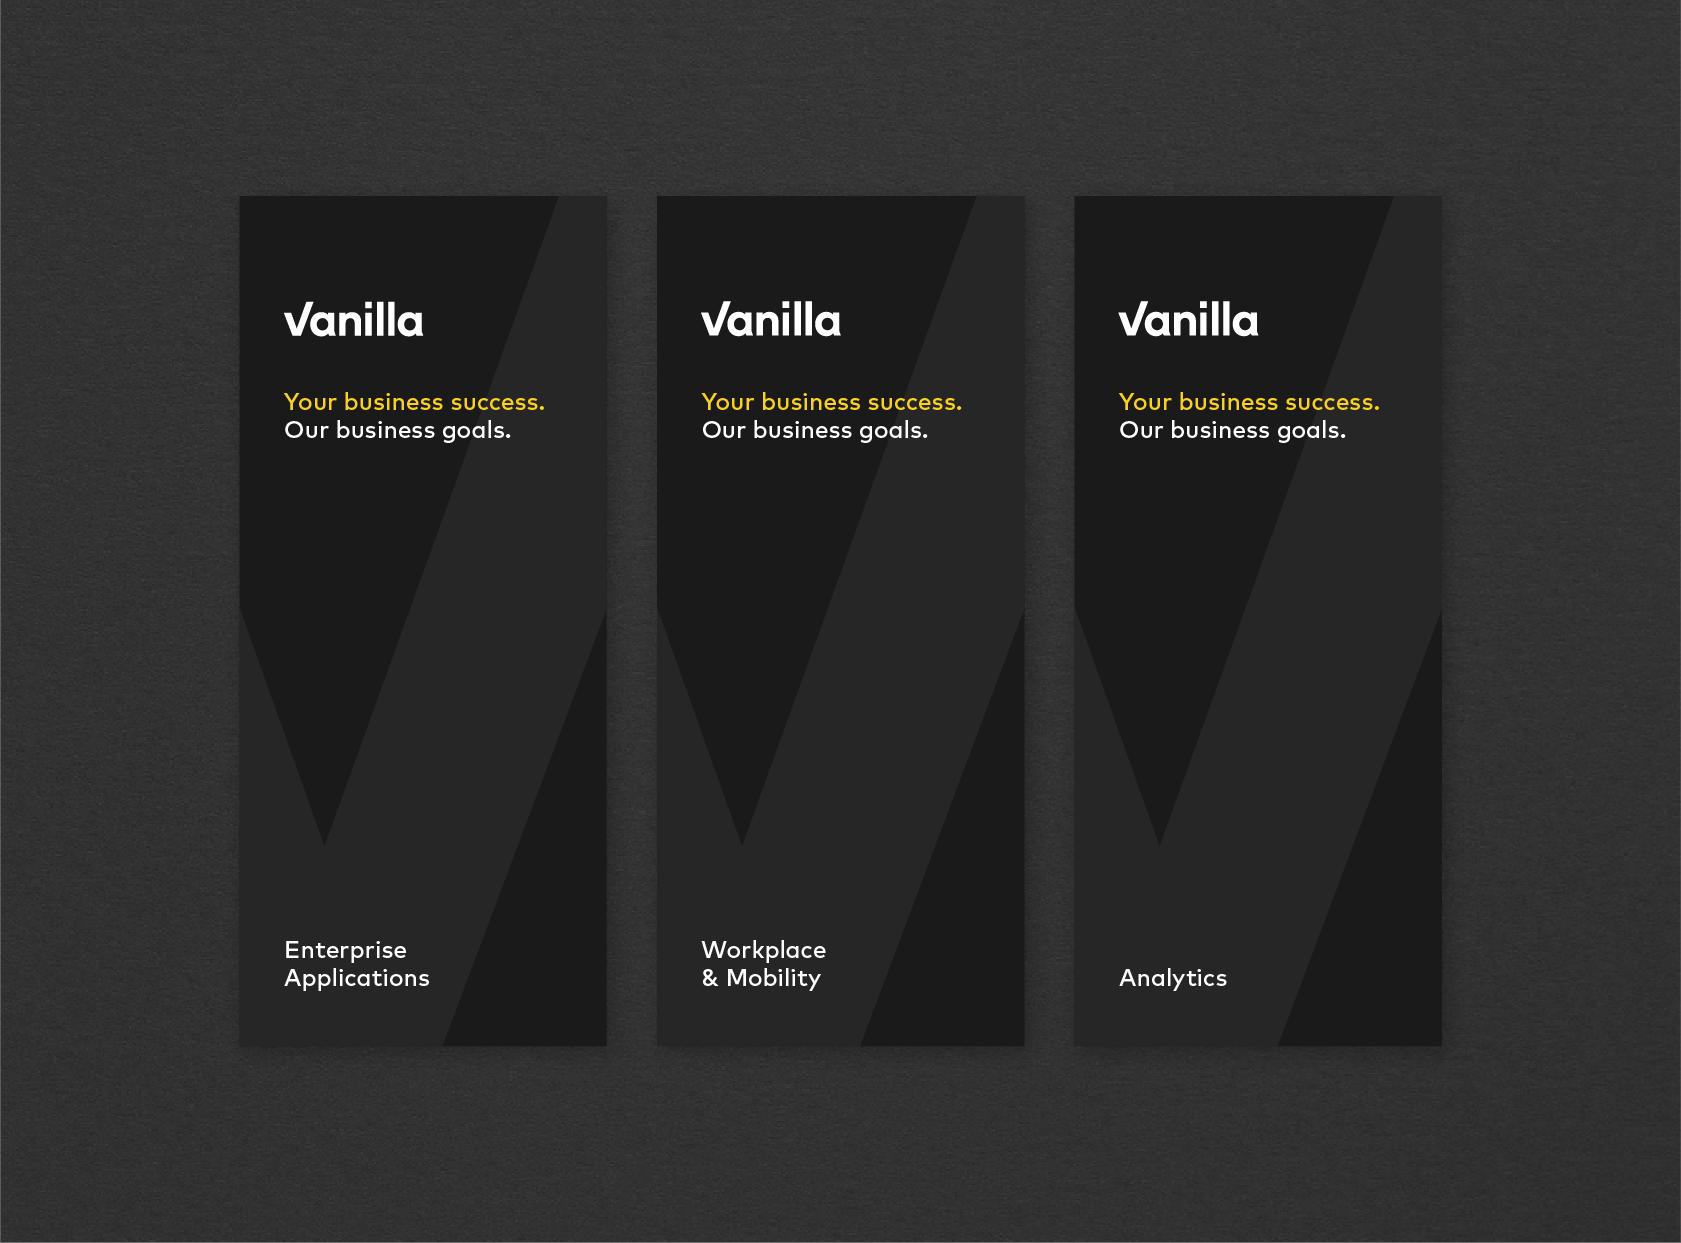 Stationary design for Vanilla